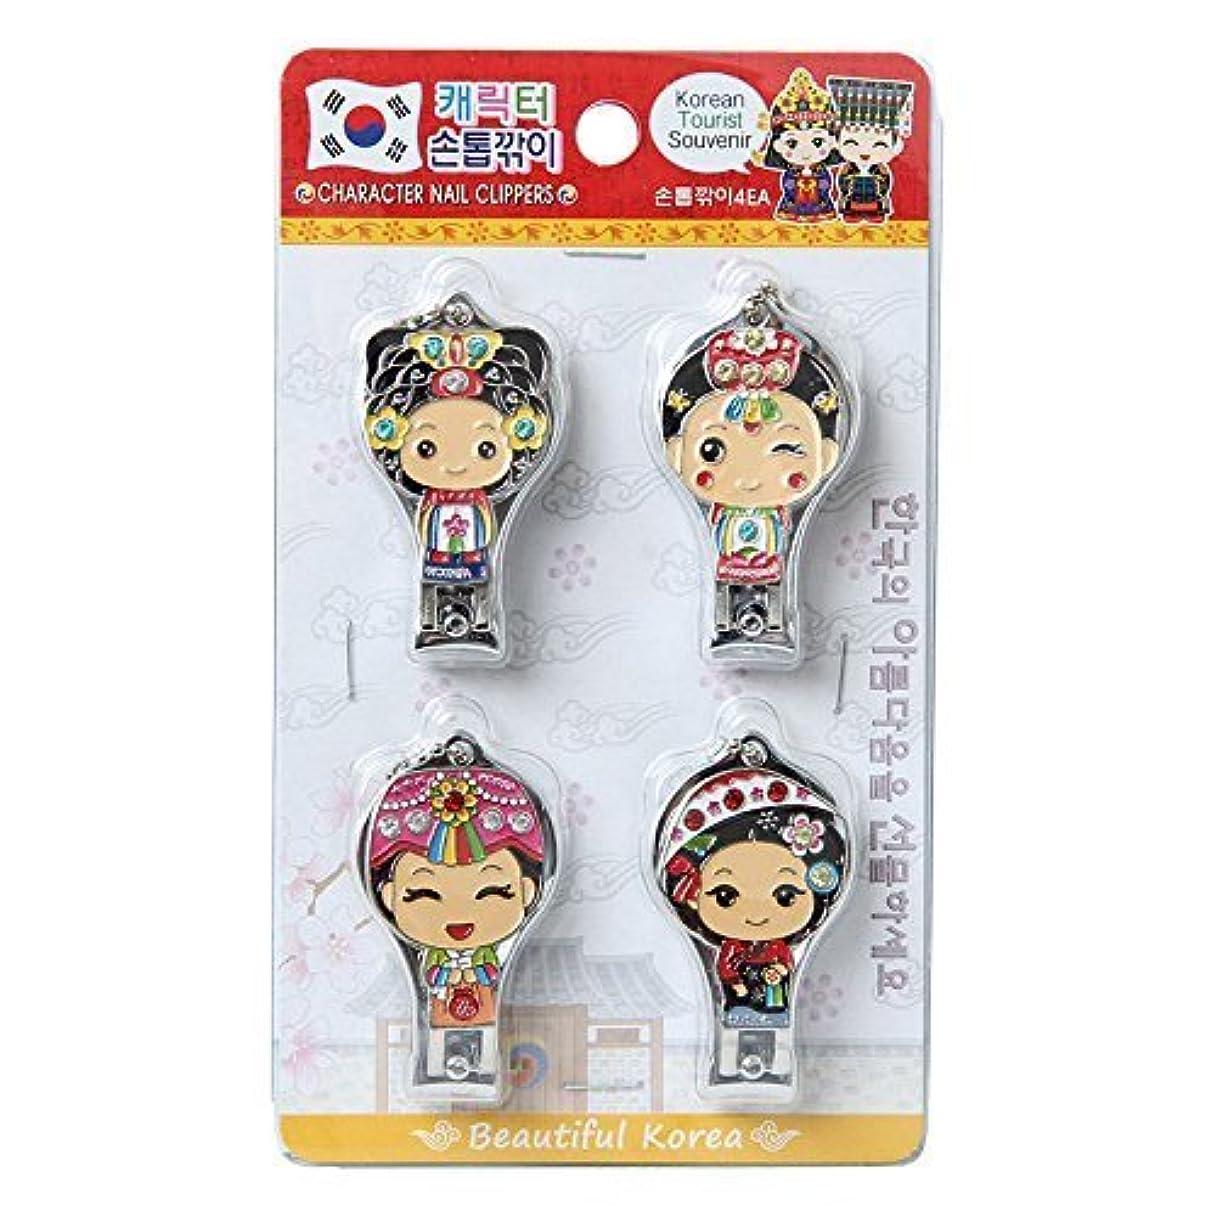 かんがい画像振動させるGongyenara Character Nail 4EA / 韓国の伝統的な釘(無作為出荷) [並行輸入品]